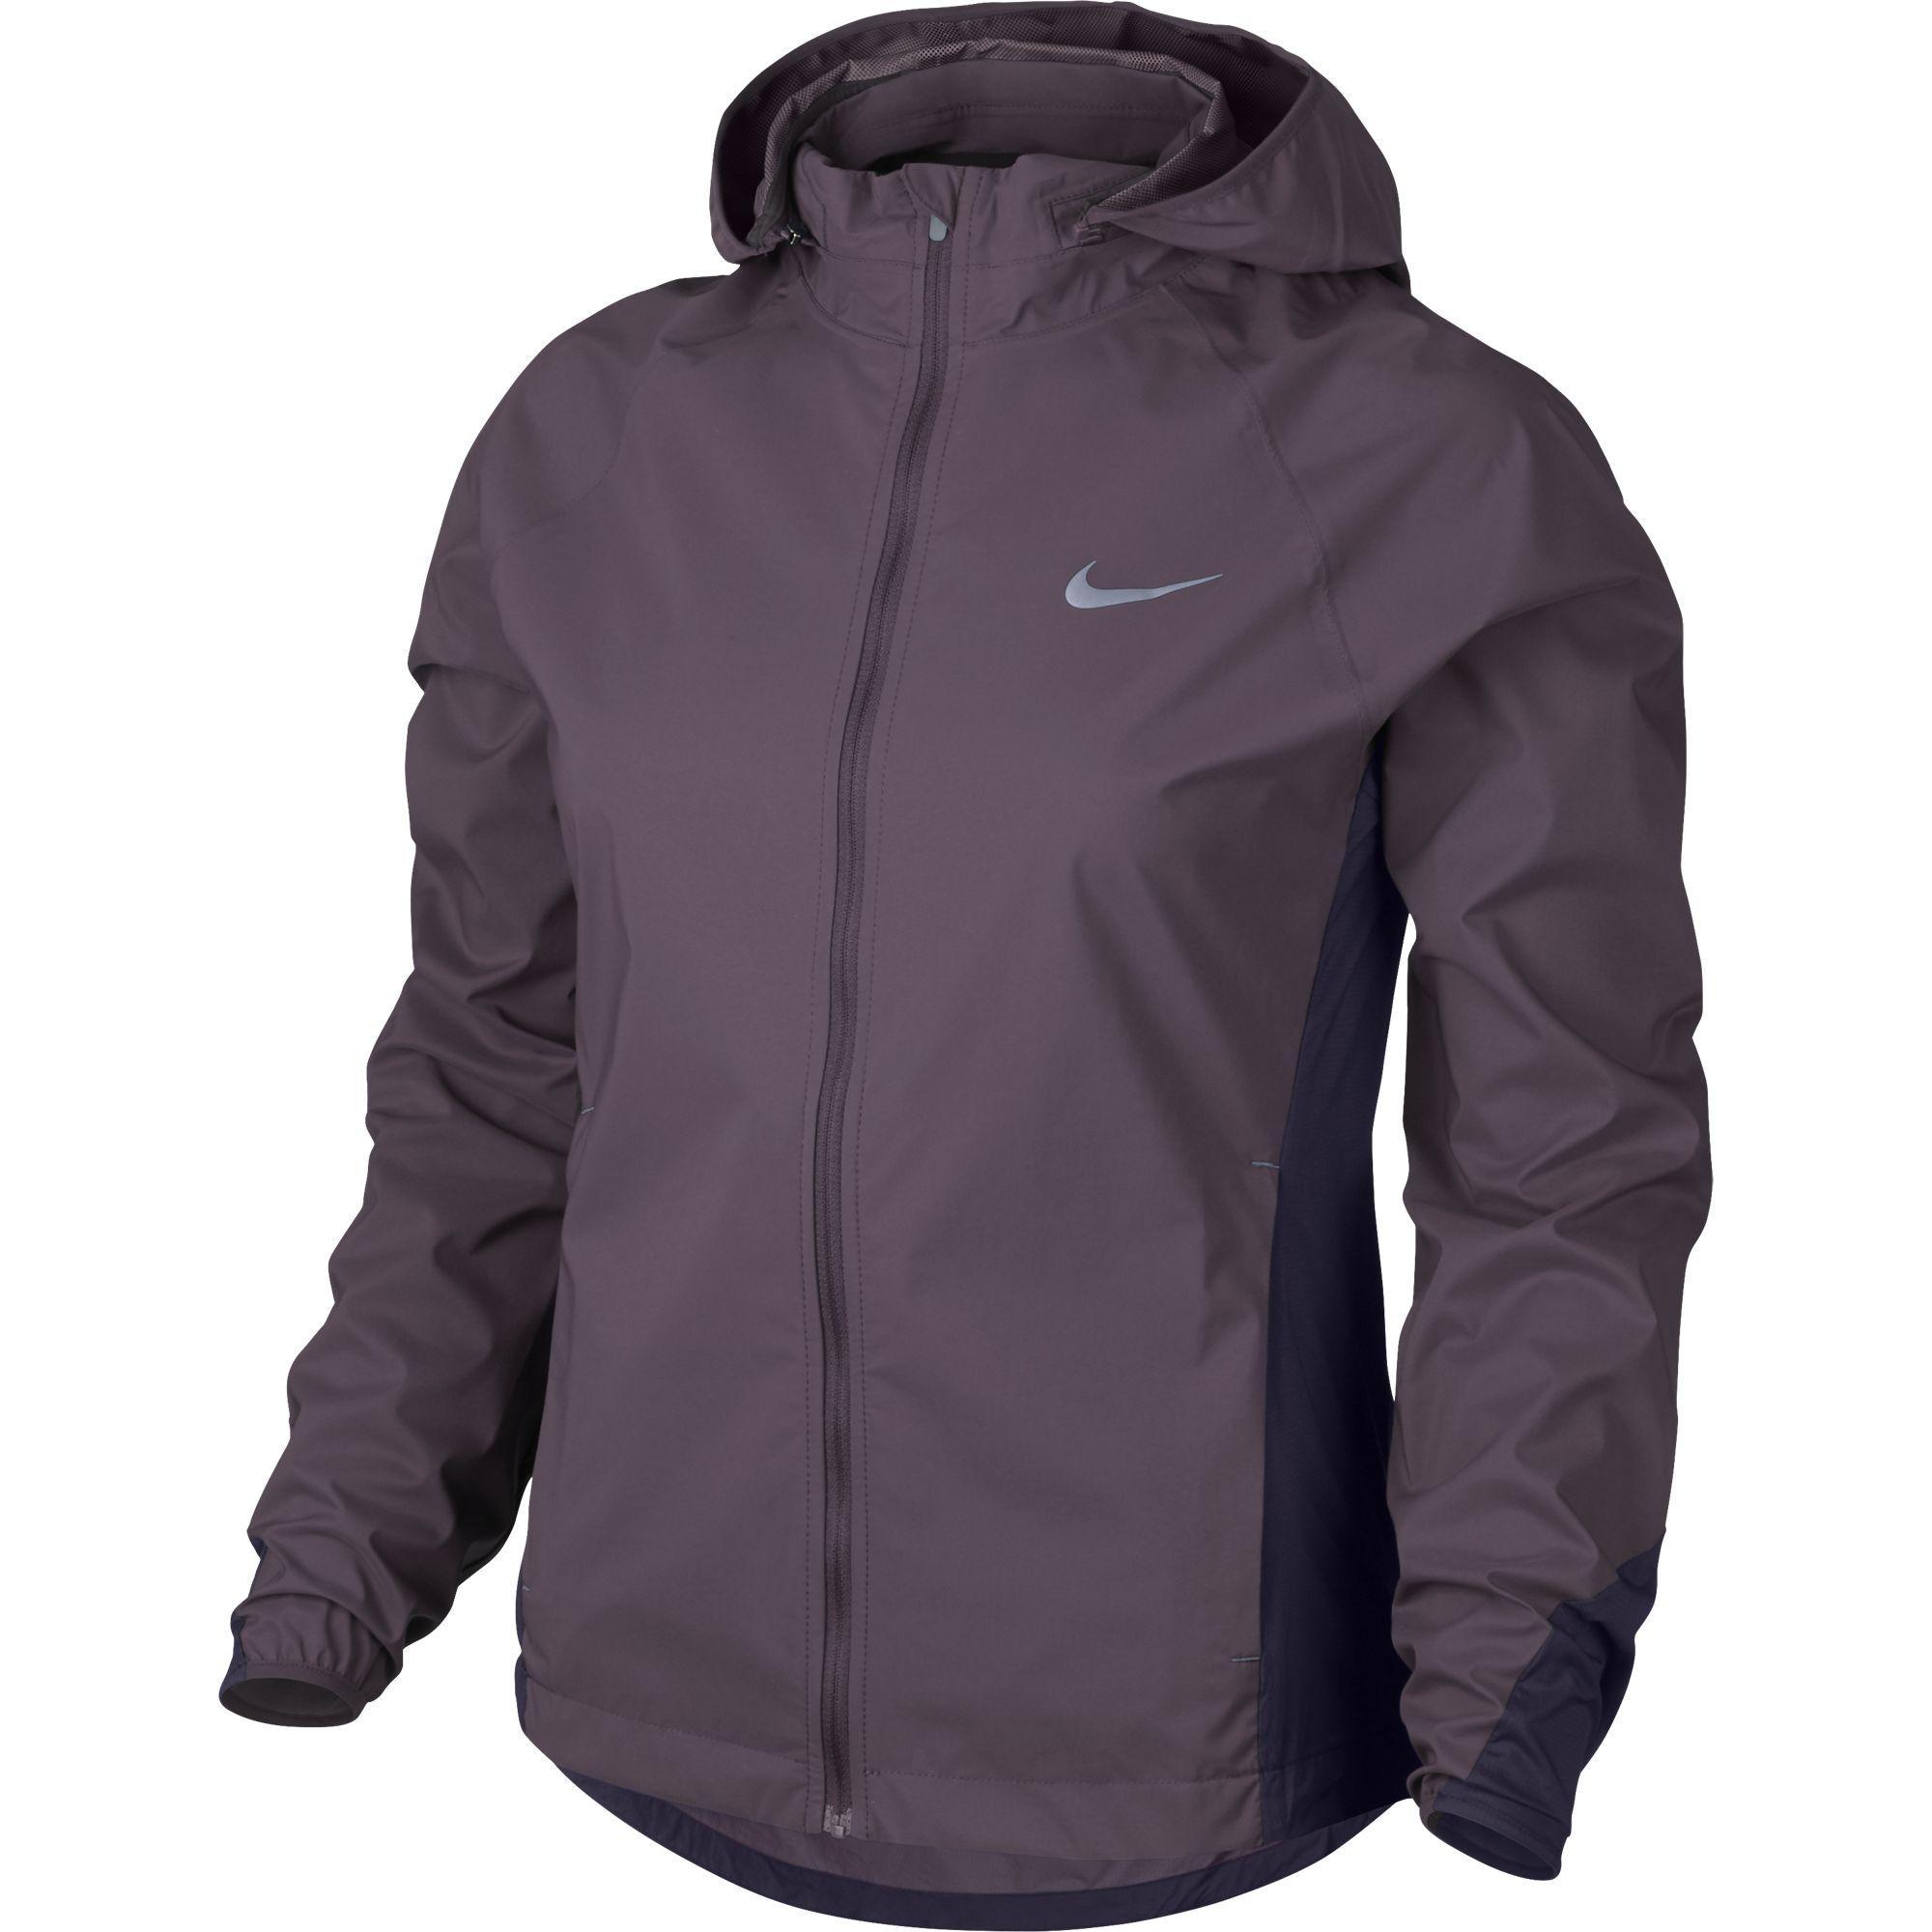 Nike epic jacket - Nike Epic Jacket 45